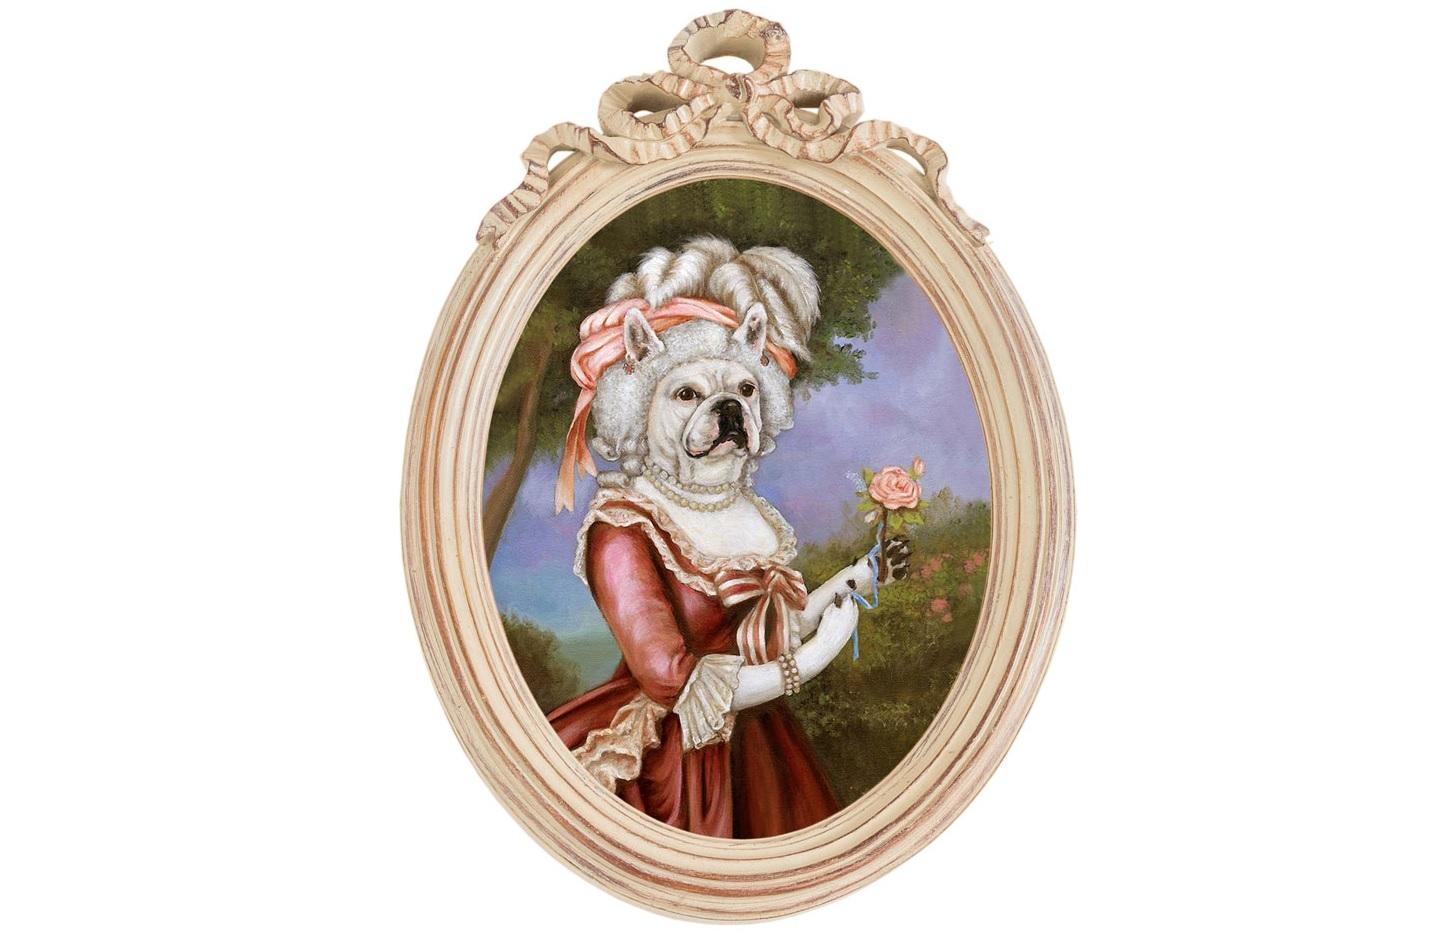 Репродукция гравюры Музейный экспонат, версия 44Картины<br>Прототипом персонажа Музейный экспонат (версия 44) послужил портрет Марии-Антуанетты с розой, написанный Элизабет Виже-Лебрен в 1783 года. Мария-Антуанетта — королева Франции, младшая дочь императора Франца I и Марии-Терезии, с 1770 года - супруга короля Франции Людовика XVI.&amp;nbsp;Рама Бернадетт - счастливая встреча золотых столетий французской культуры.&amp;nbsp;Искусная техника состаривания придает раме специфический уют и обаяние. Профессиональная печать на холсте детально передает каждое движение кисти художника. Удобное крепление рамы позволит без труда разместить её на стене.Материал рамы - полистоун. Репродукция отпечатана на холсте.<br><br>kit: None<br>gender: None